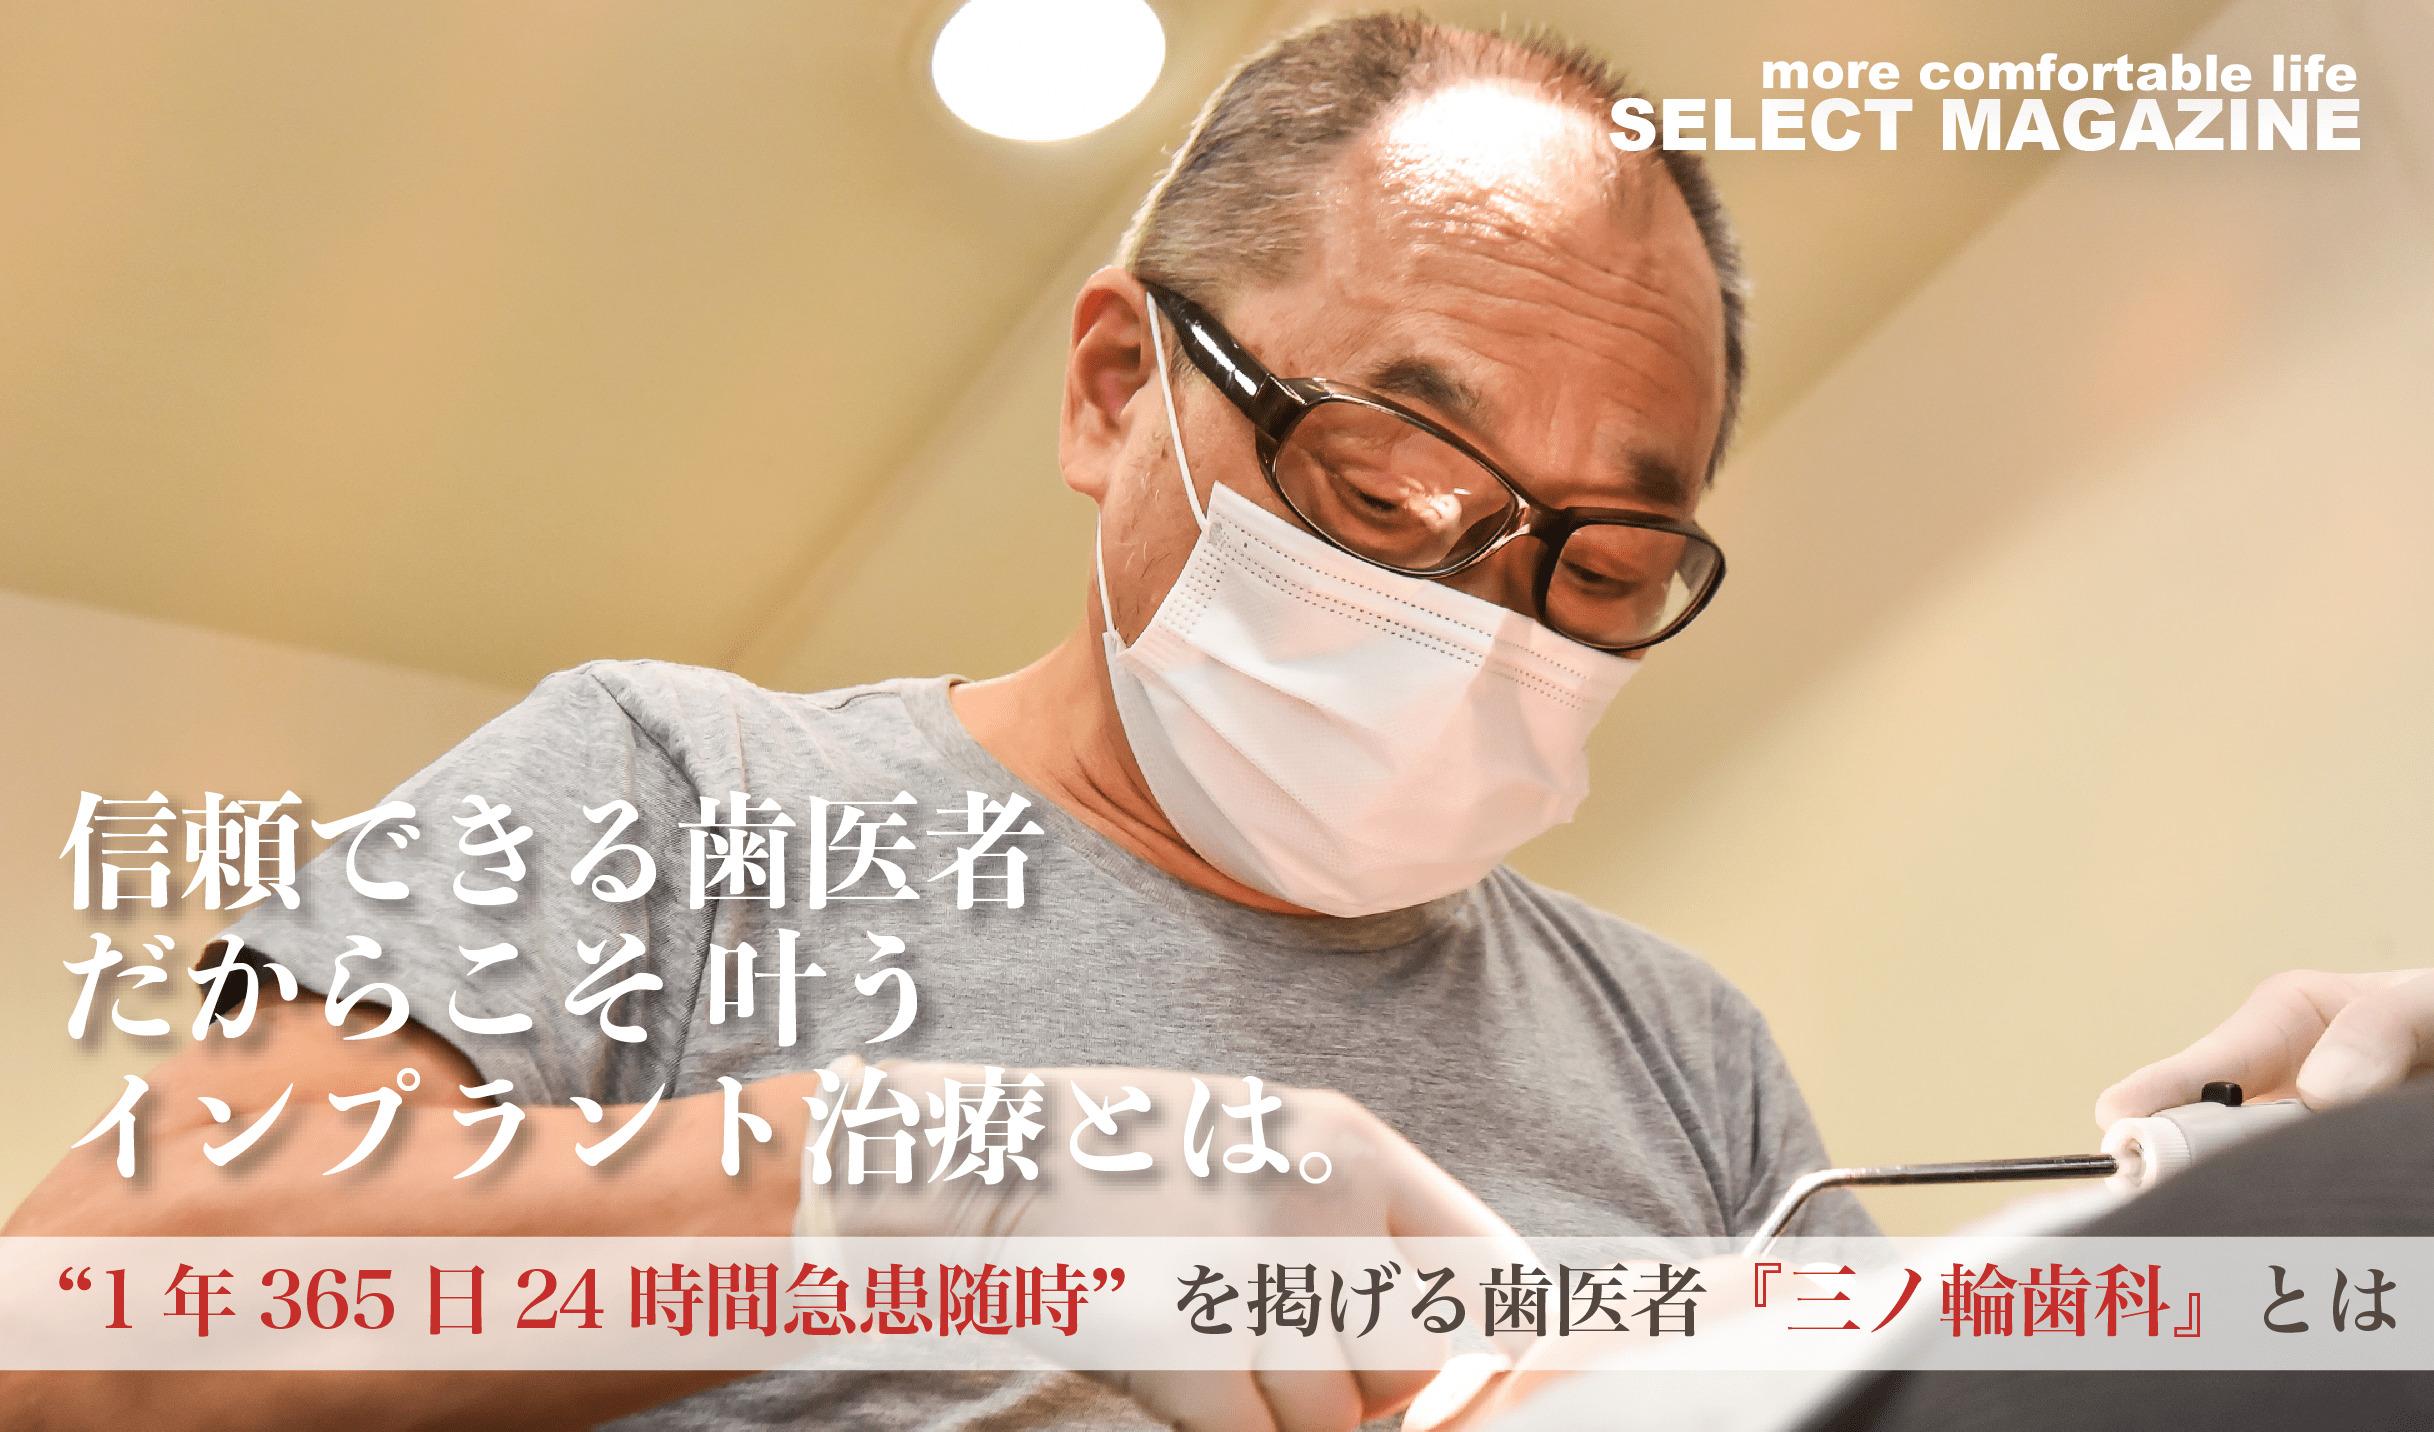 信頼できる歯医者だからこそ叶うインプラント治療とは?江東区三ノ輪にある『三ノ輪歯科』に直撃取材!